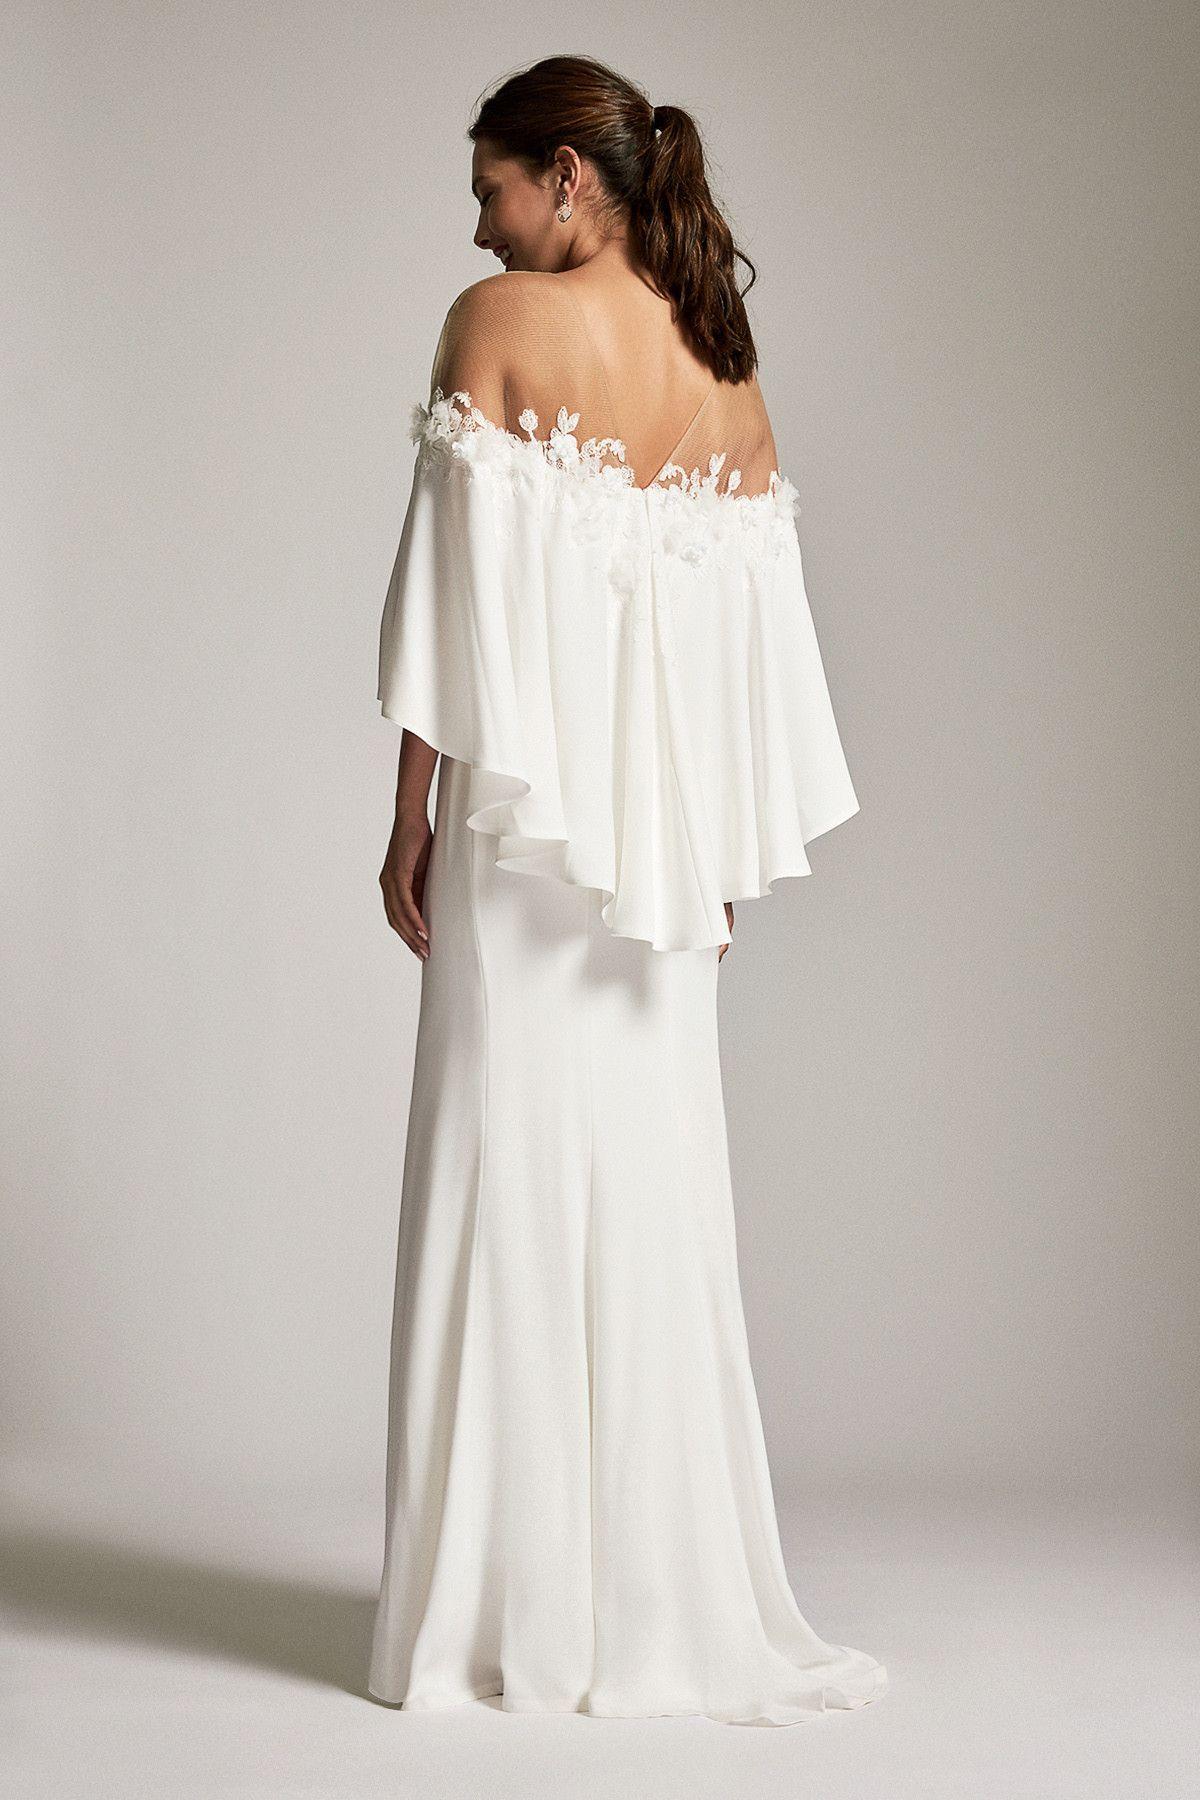 c95dc1240b51 Athena Gown